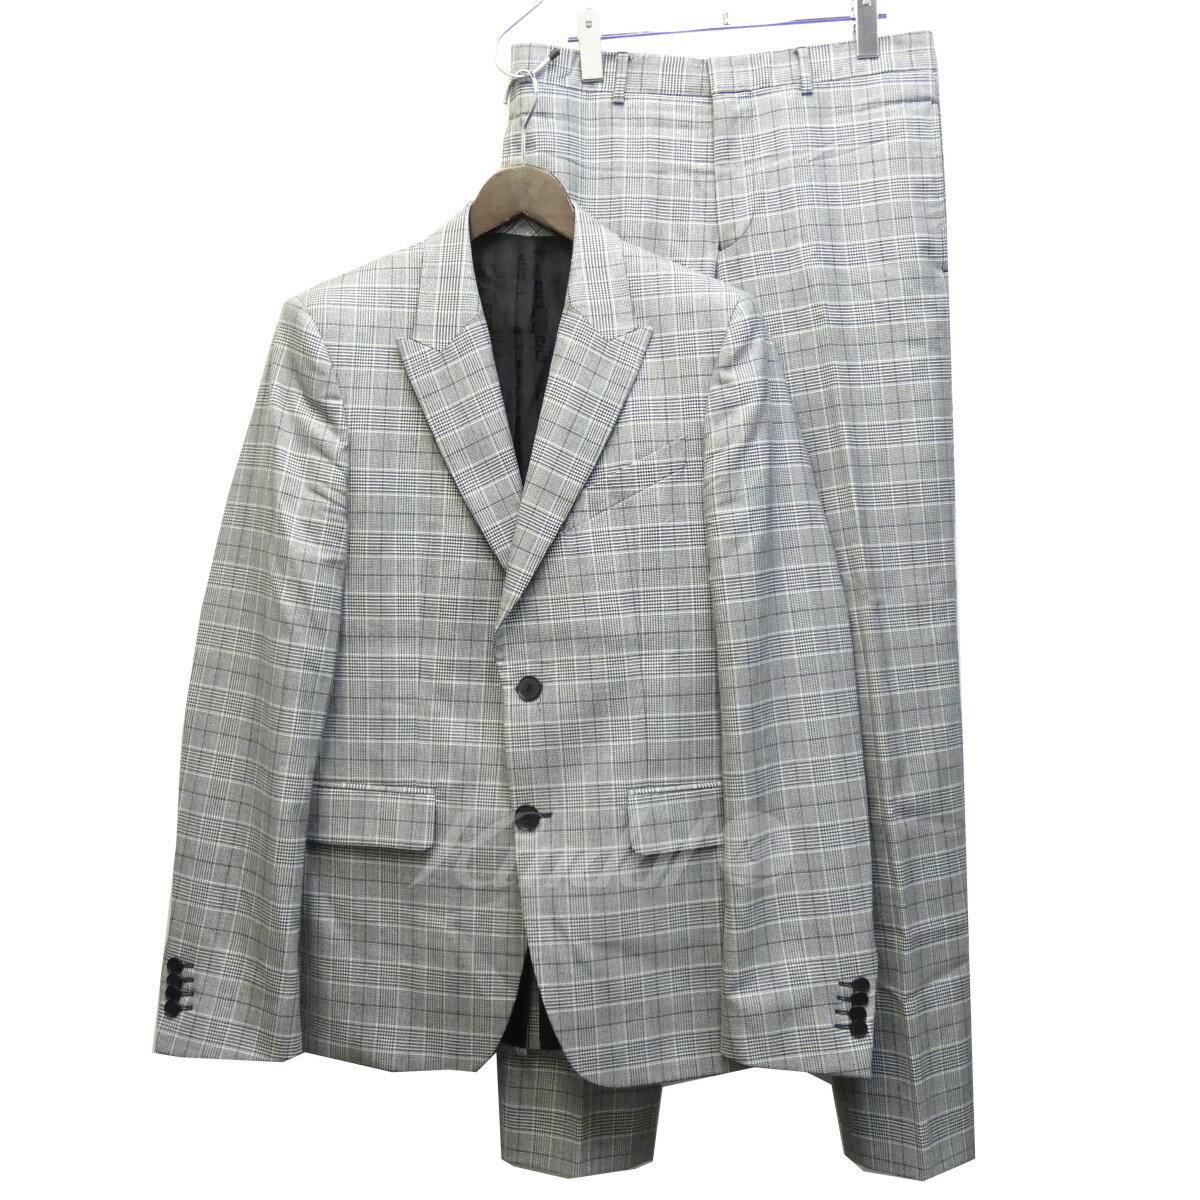 【中古】GIVENCHY SAMPLE品 グレンチェックセットアップスーツ グレー サイズ:48/48 【送料無料】 【220319】(ジバンシィ)